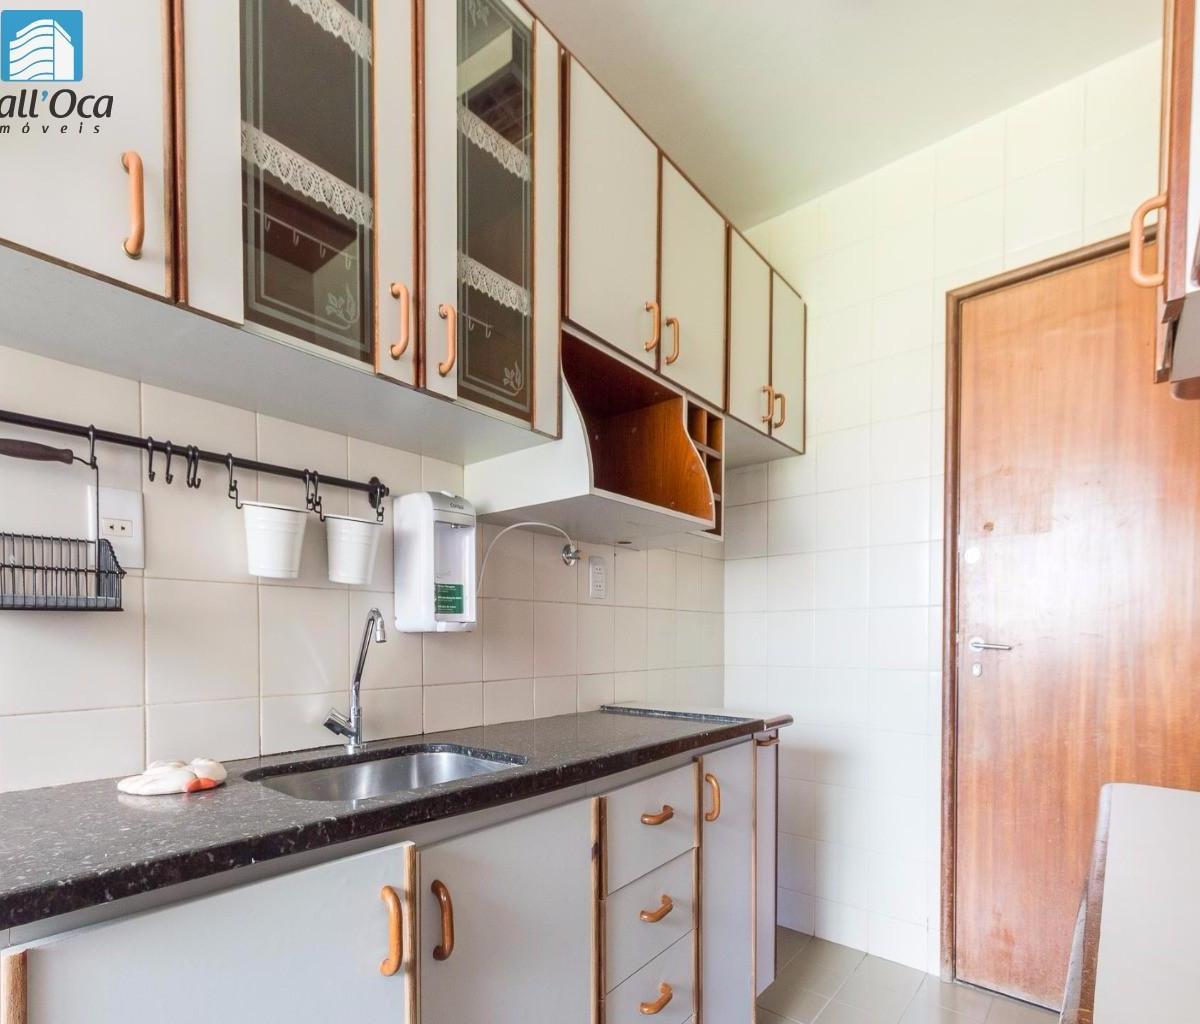 Imagens de #896342 Apartamento para aluguel com 2 Quartos Asa Norte Brasília R$ 2  1200x1024 px 3096 Box Banheiro Asa Norte